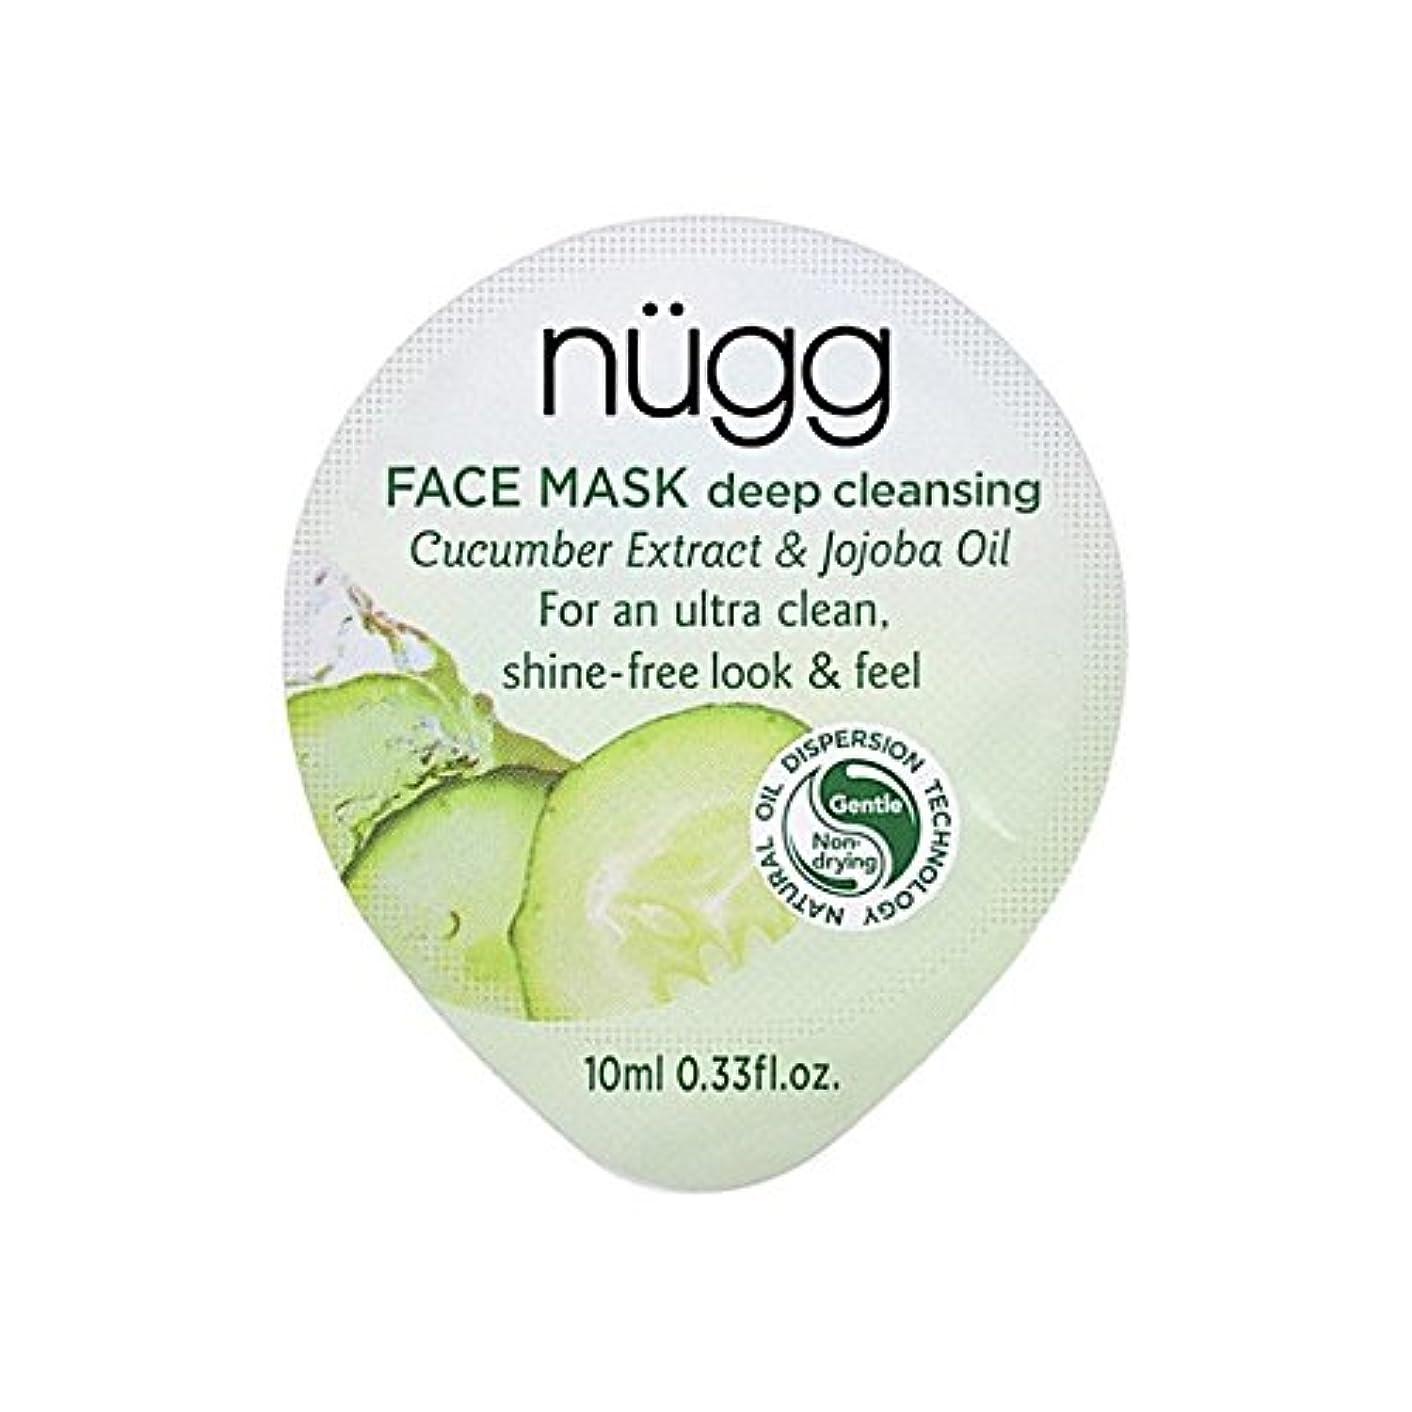 操作ぼんやりした求めるNugg Deep Cleansing Face Mask - ディープクレンジングフェイスマスク [並行輸入品]